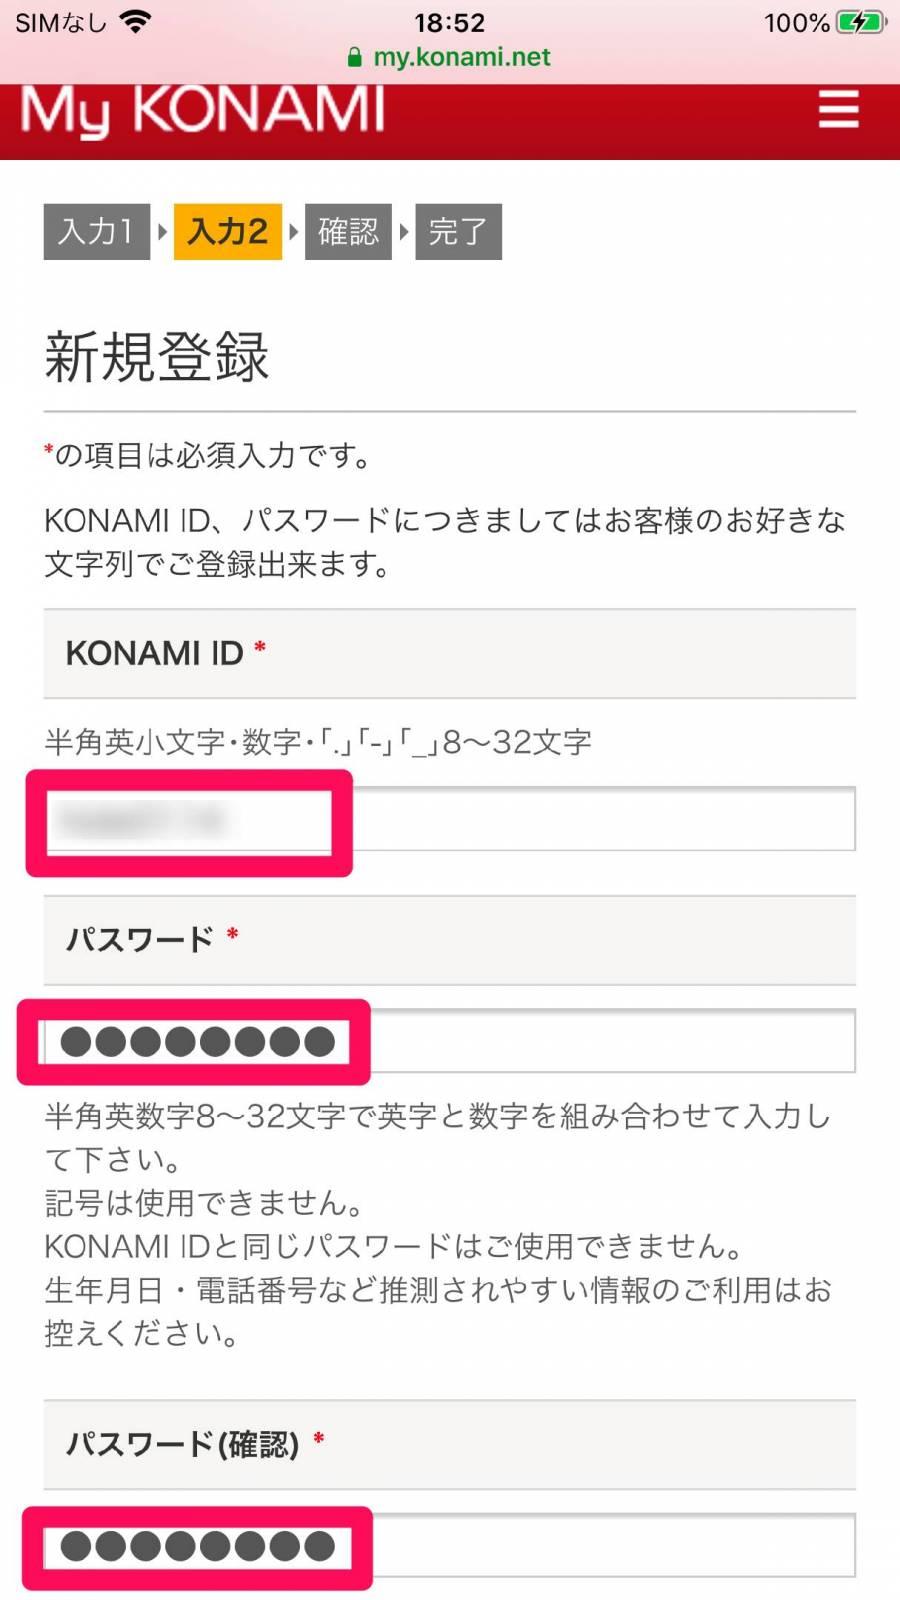 KONAMI IDの会員情報登録画面。会員情報を登録する